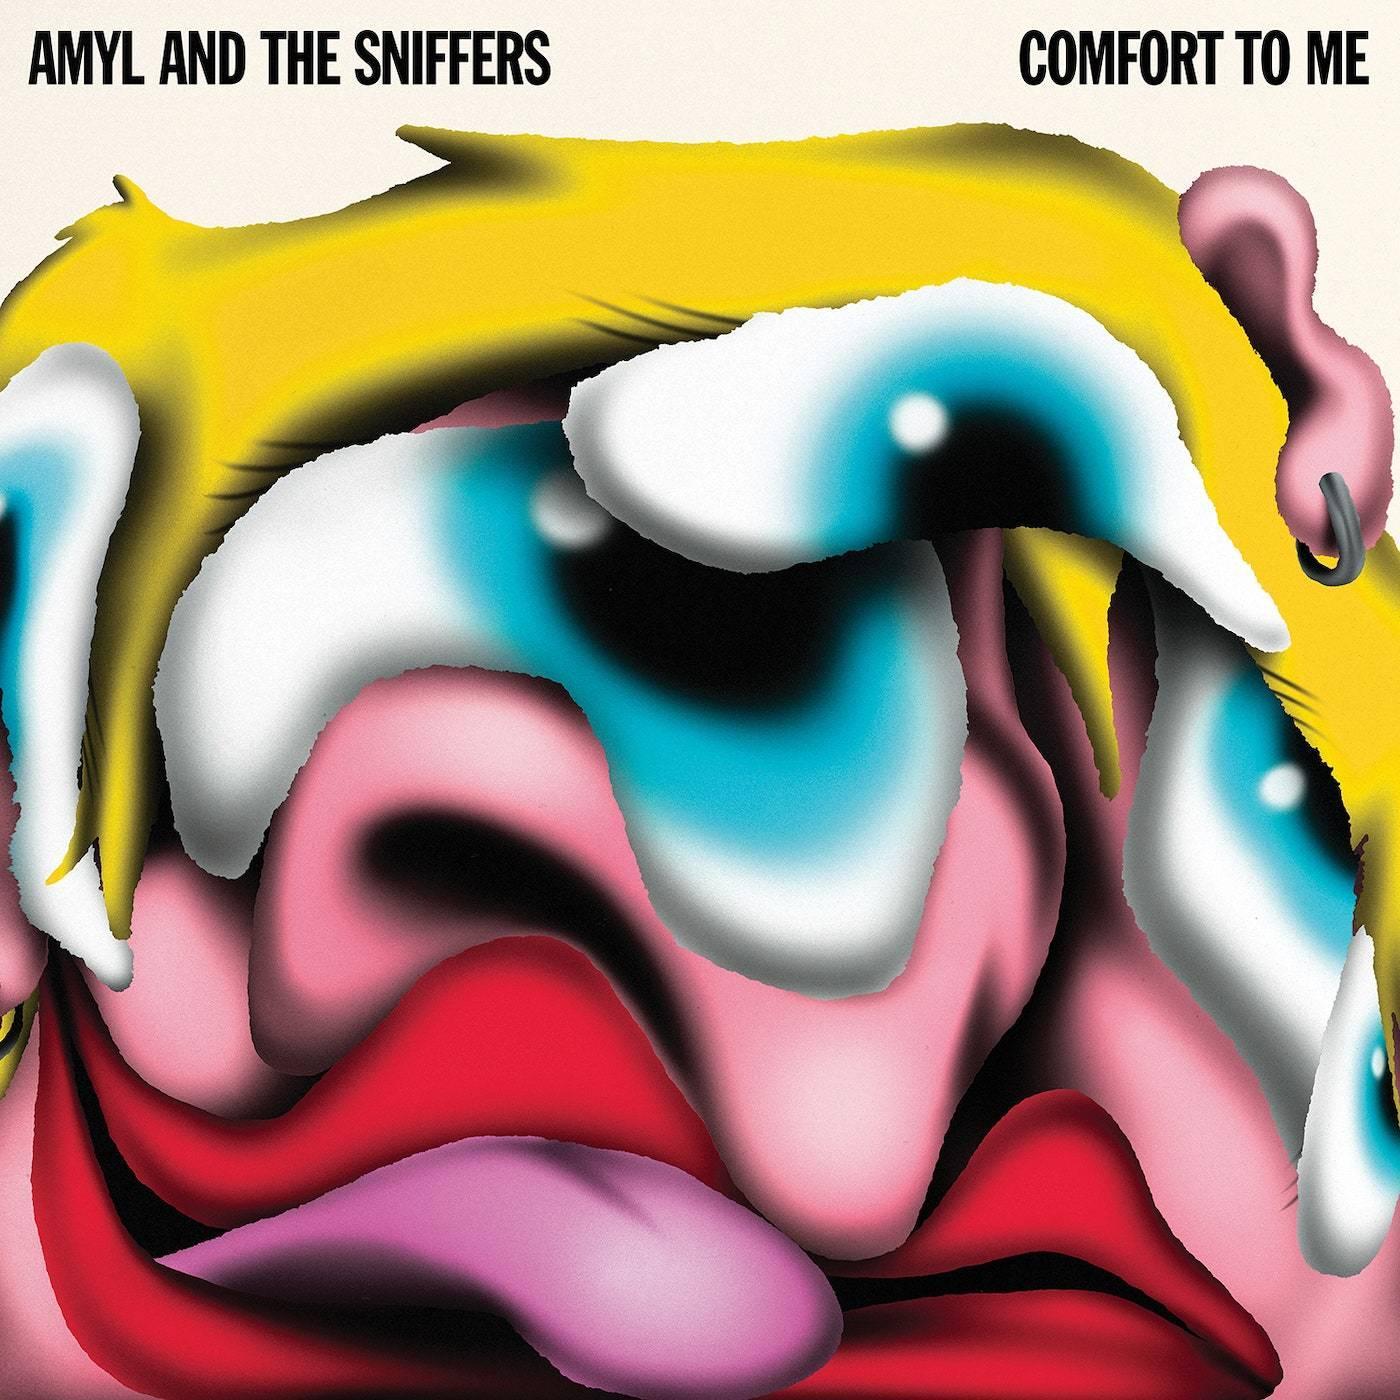 Comfort toMe(Vinyl)